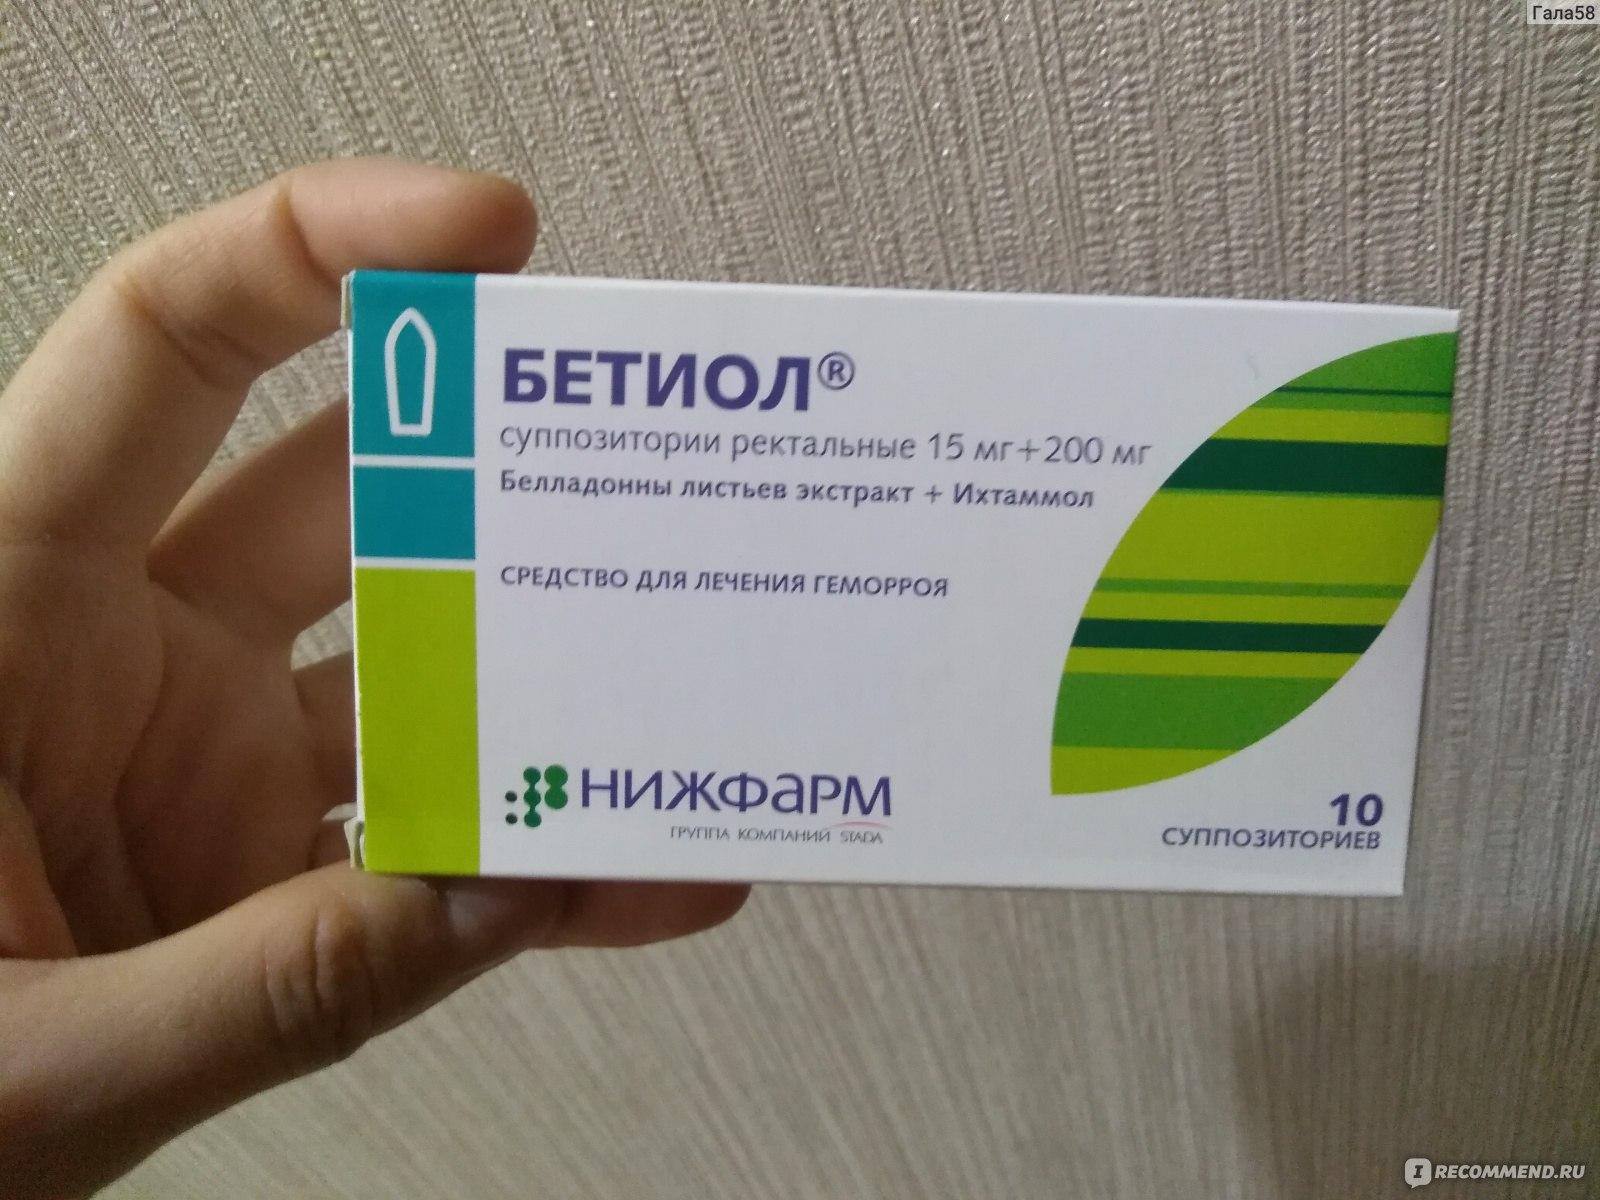 Инструкция по применению свечей бетиол и схема применения препарата